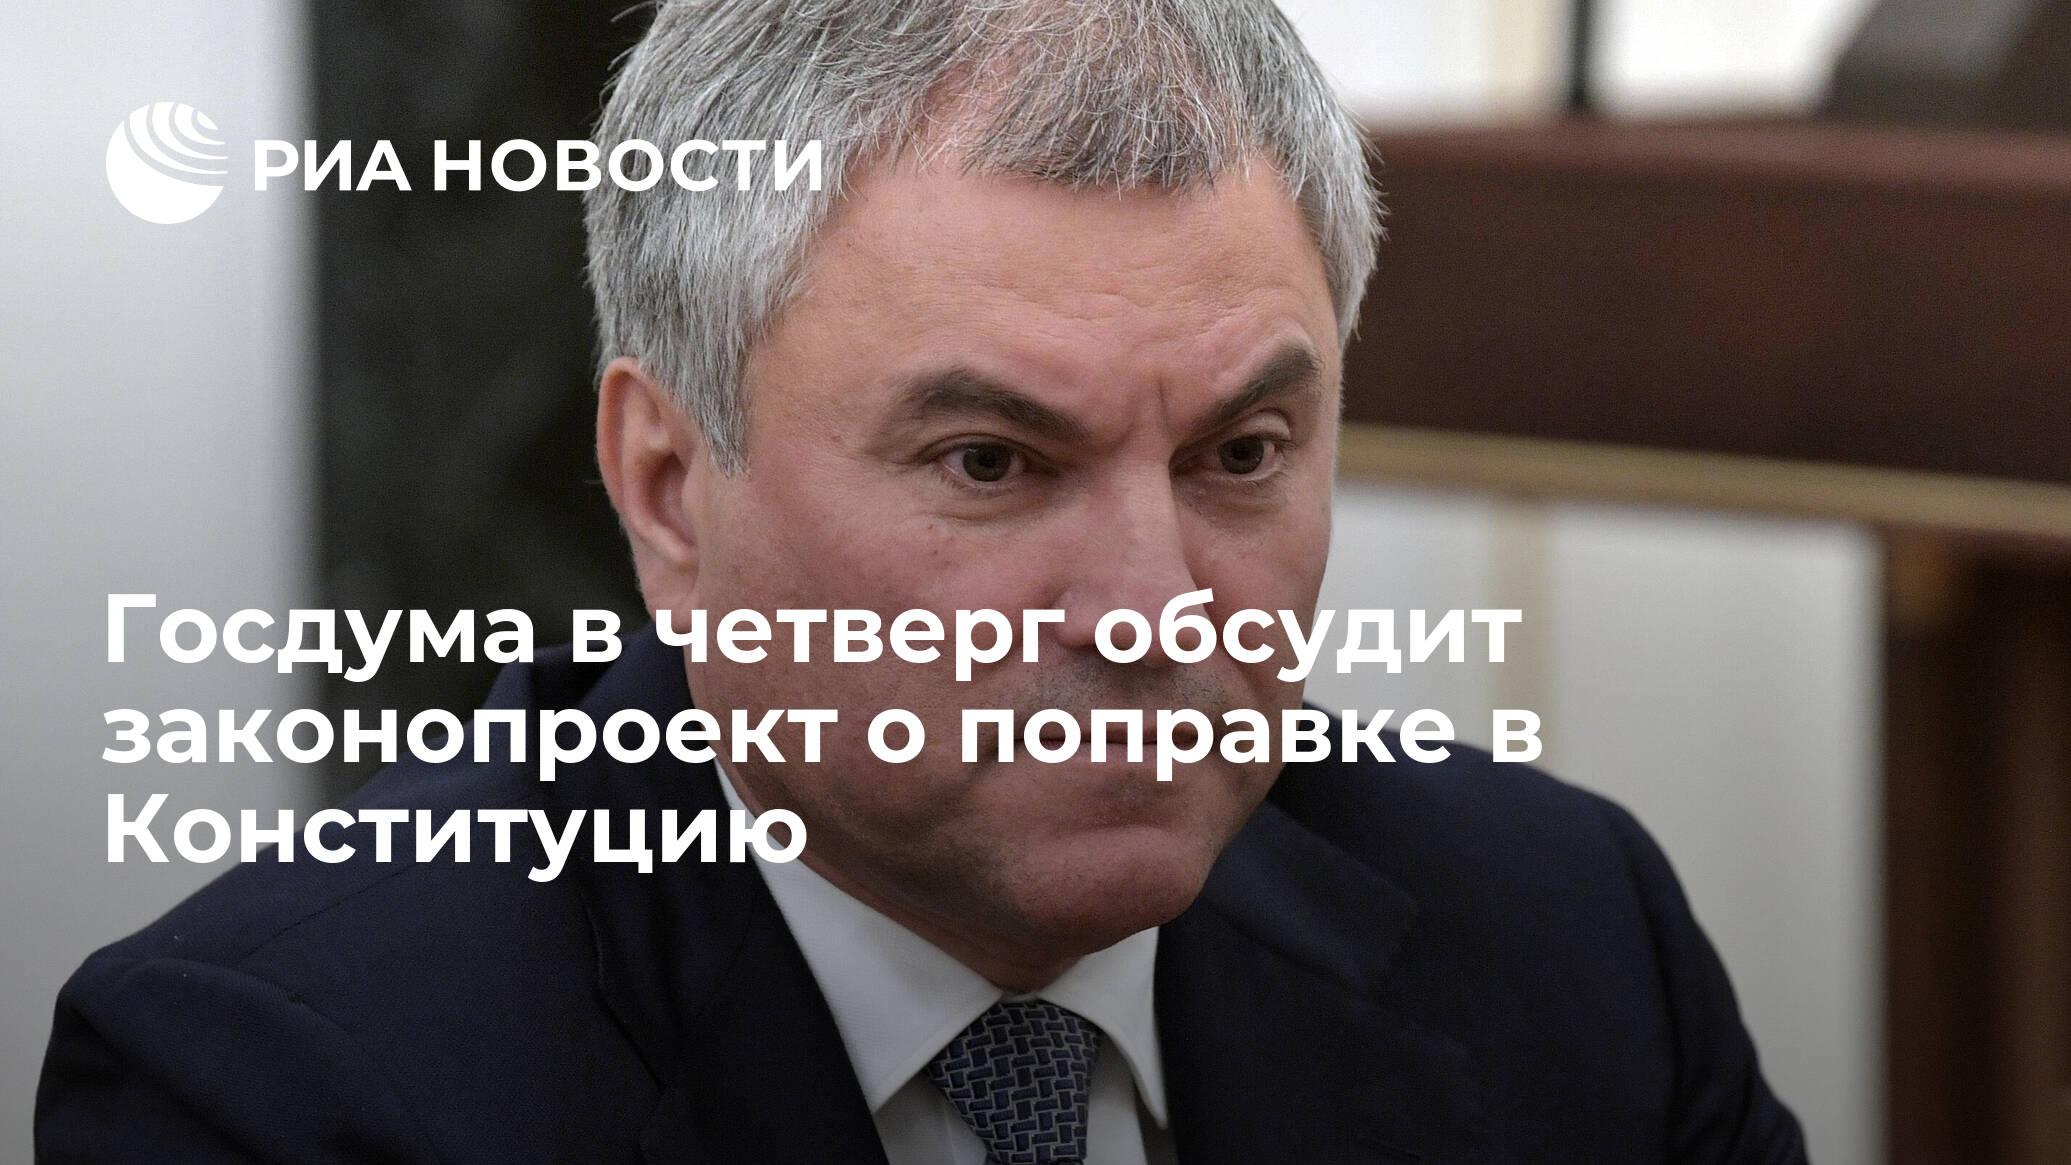 Госдума в четверг обсудит законопроект о поправке в Конституцию